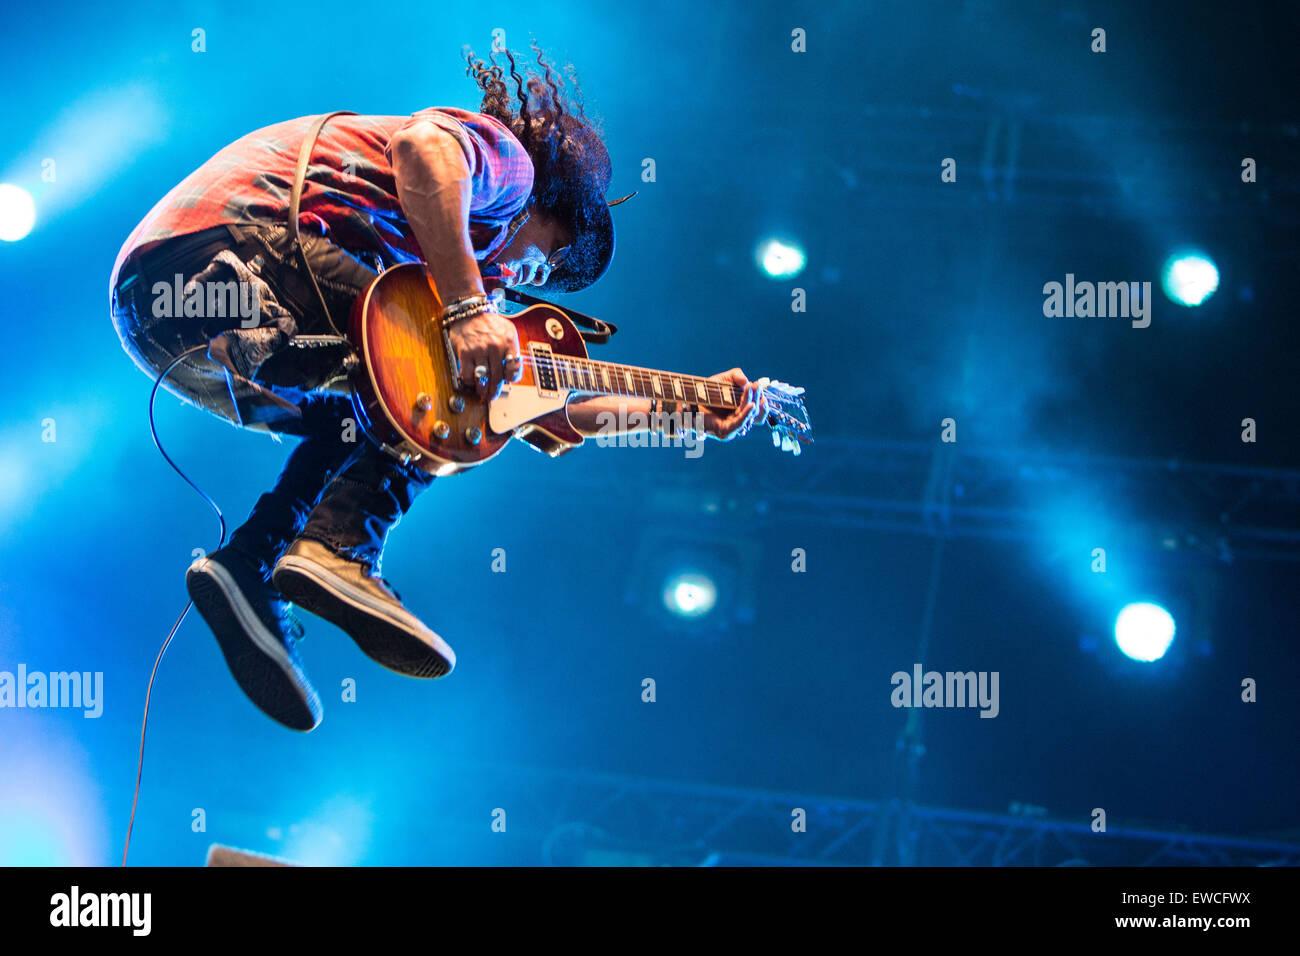 Slash ft. Myles Kennedy e i cospiratori eseguire live at Pinkpop Festival 2015 in Paesi Bassi © Roberto Finizio Immagini Stock